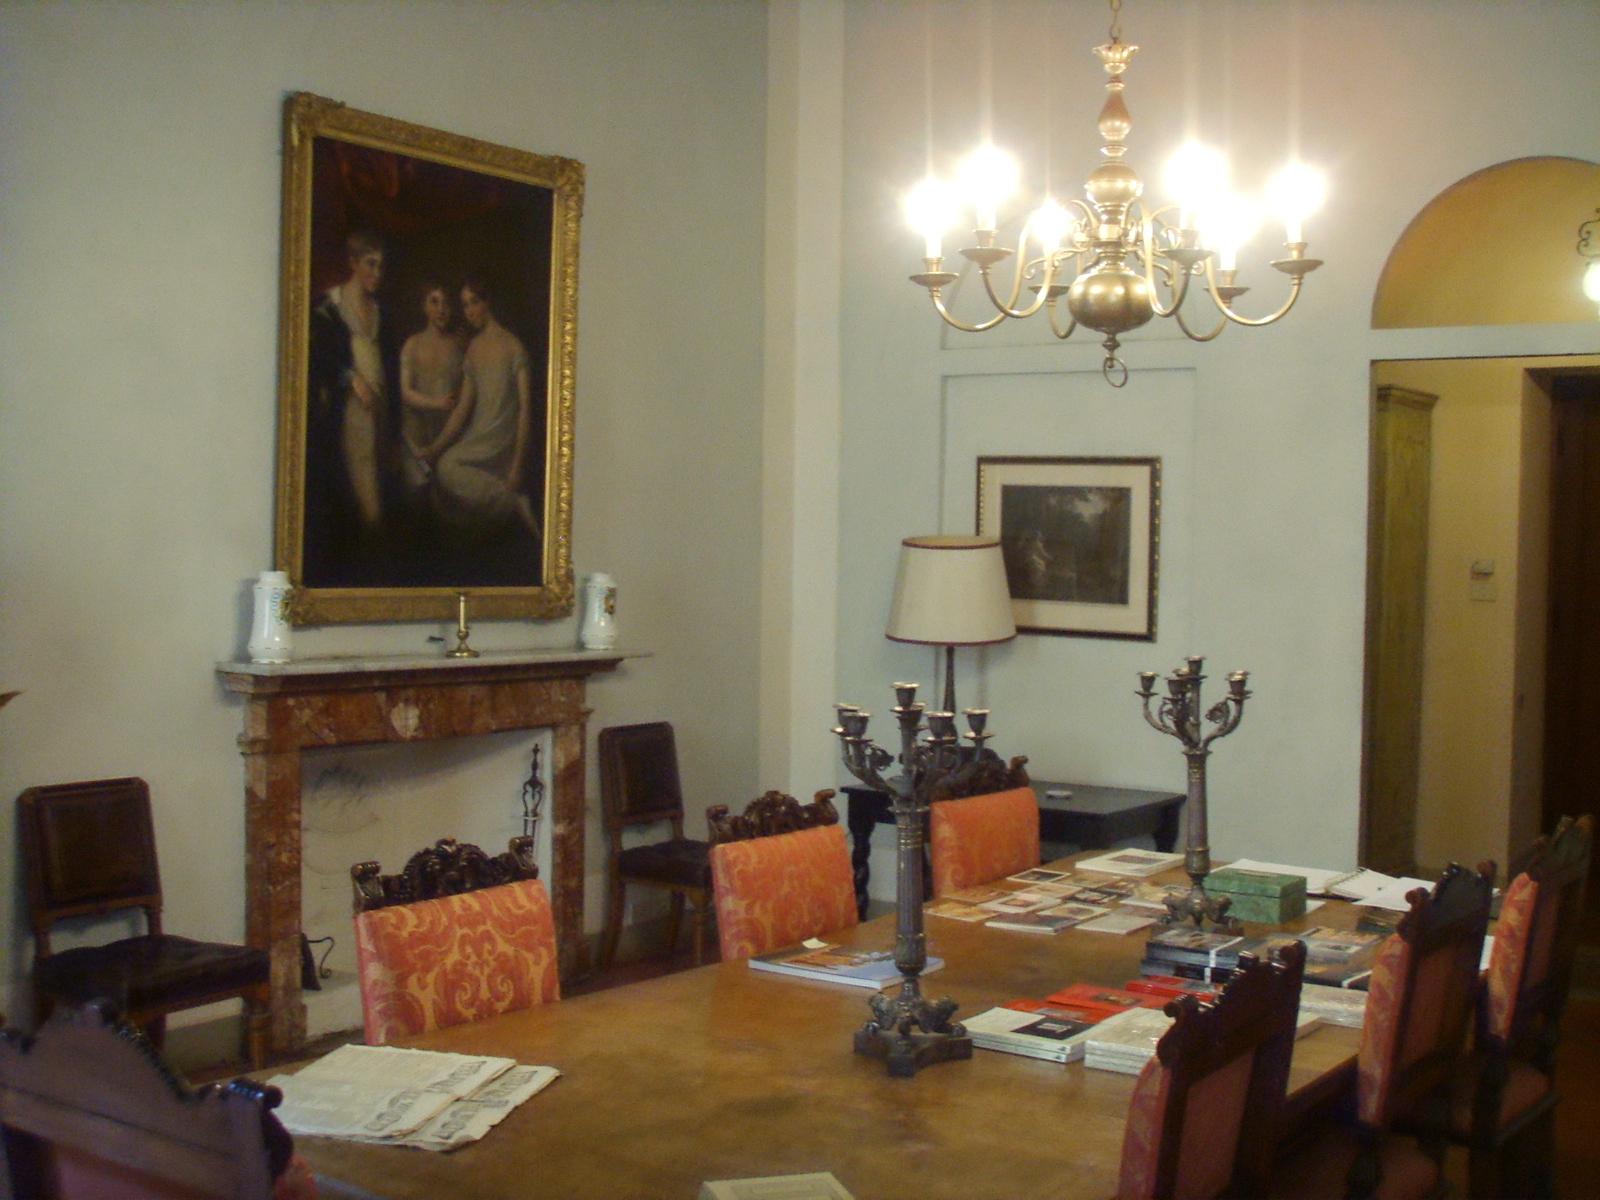 File:Casa Guidi Sala Da Pranzo 02.JPG Wikipedia #976334 1600 1200 Descrizione Della Sala Da Pranzo In Inglese